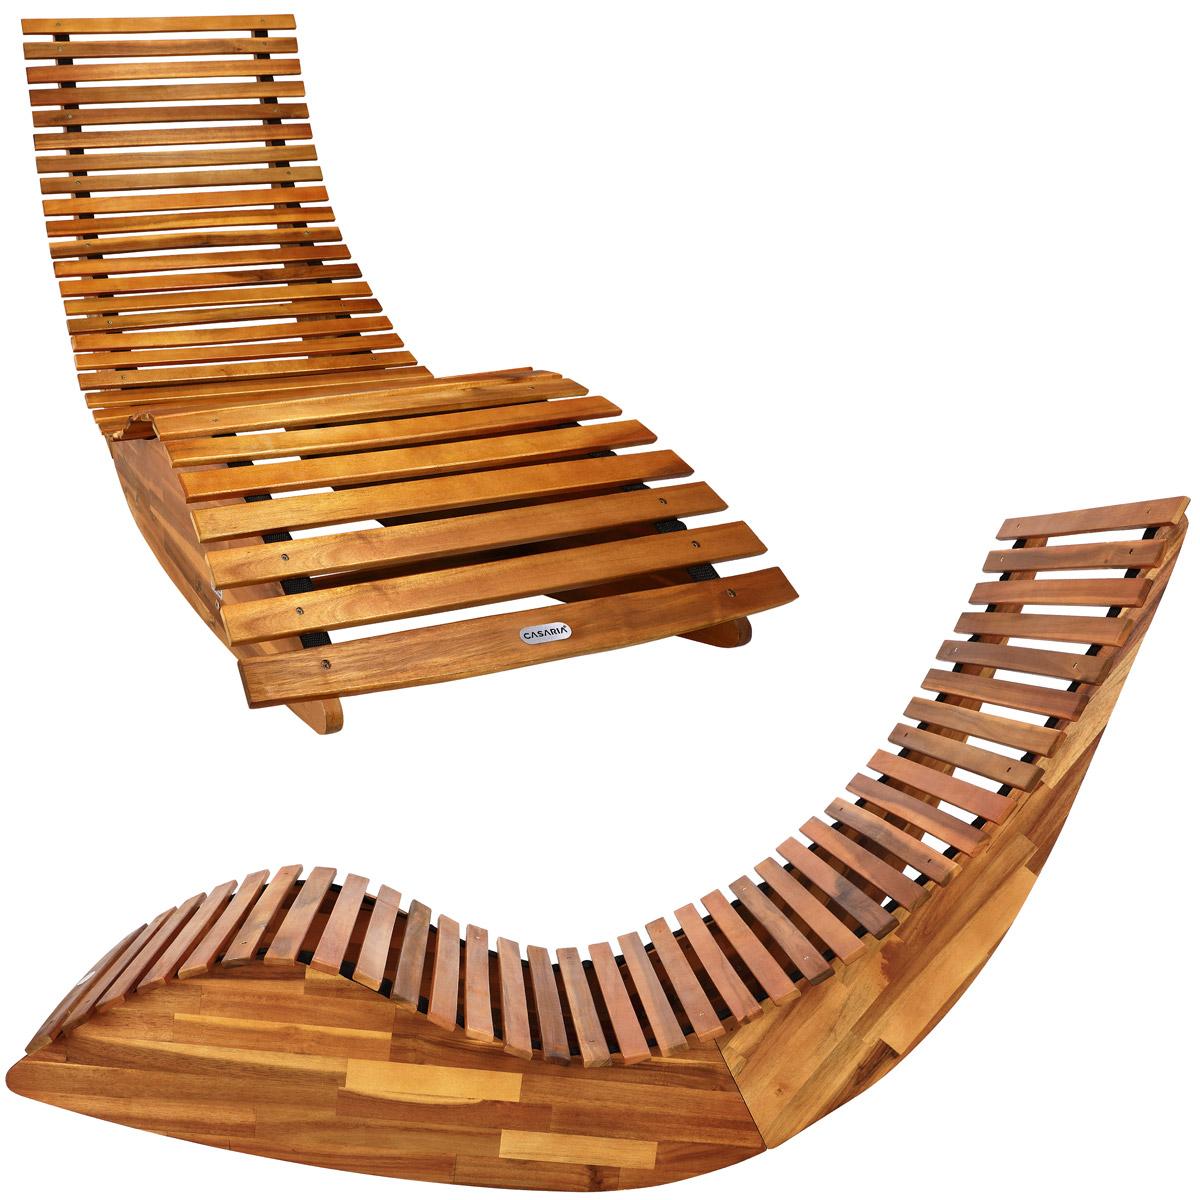 chaise longue bascule en bois certifi fsc transat ergonomique de jardin ebay. Black Bedroom Furniture Sets. Home Design Ideas